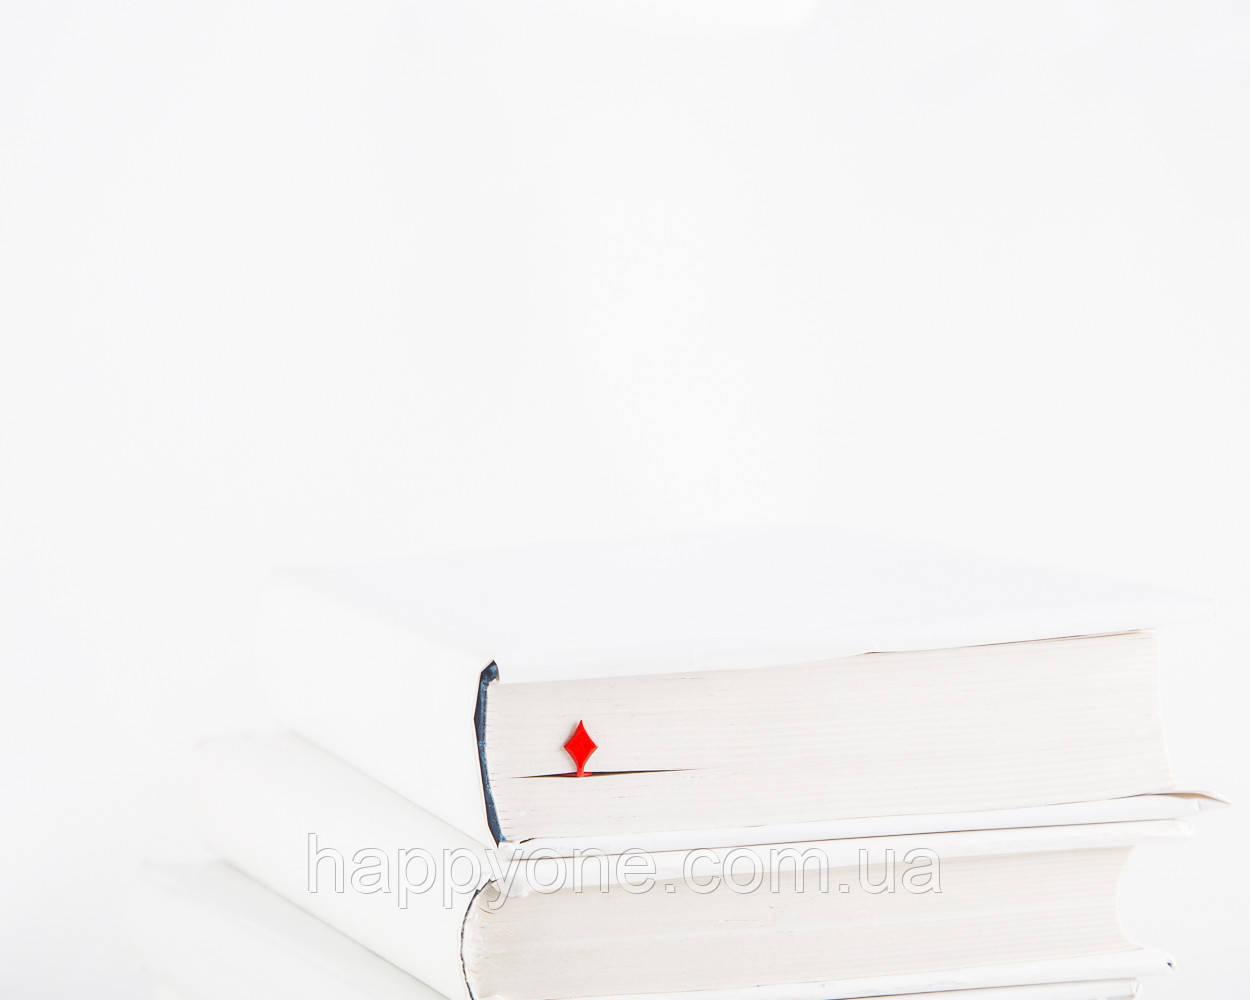 Закладка для книг Бубновый туз